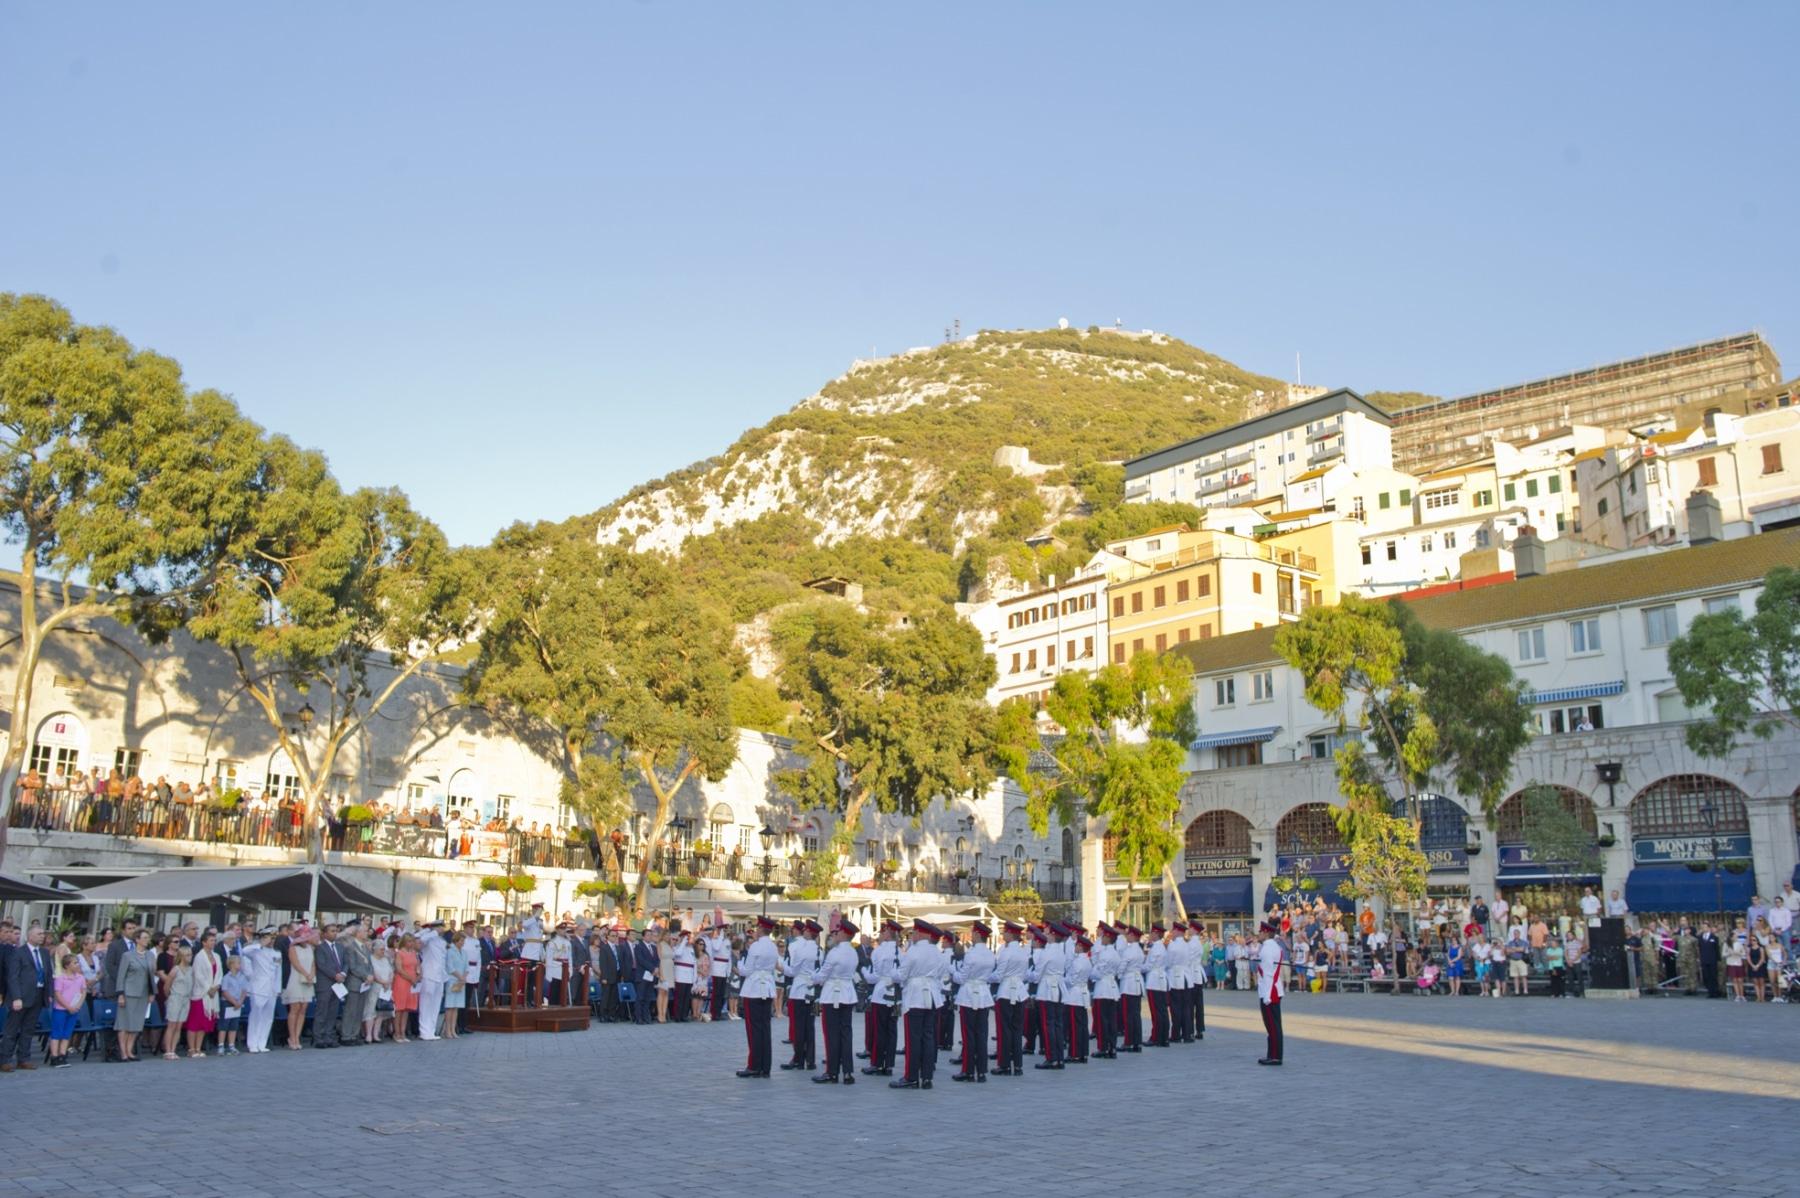 ceremonia-de-las-llaves-gibraltar-25092014-14_15171142540_o